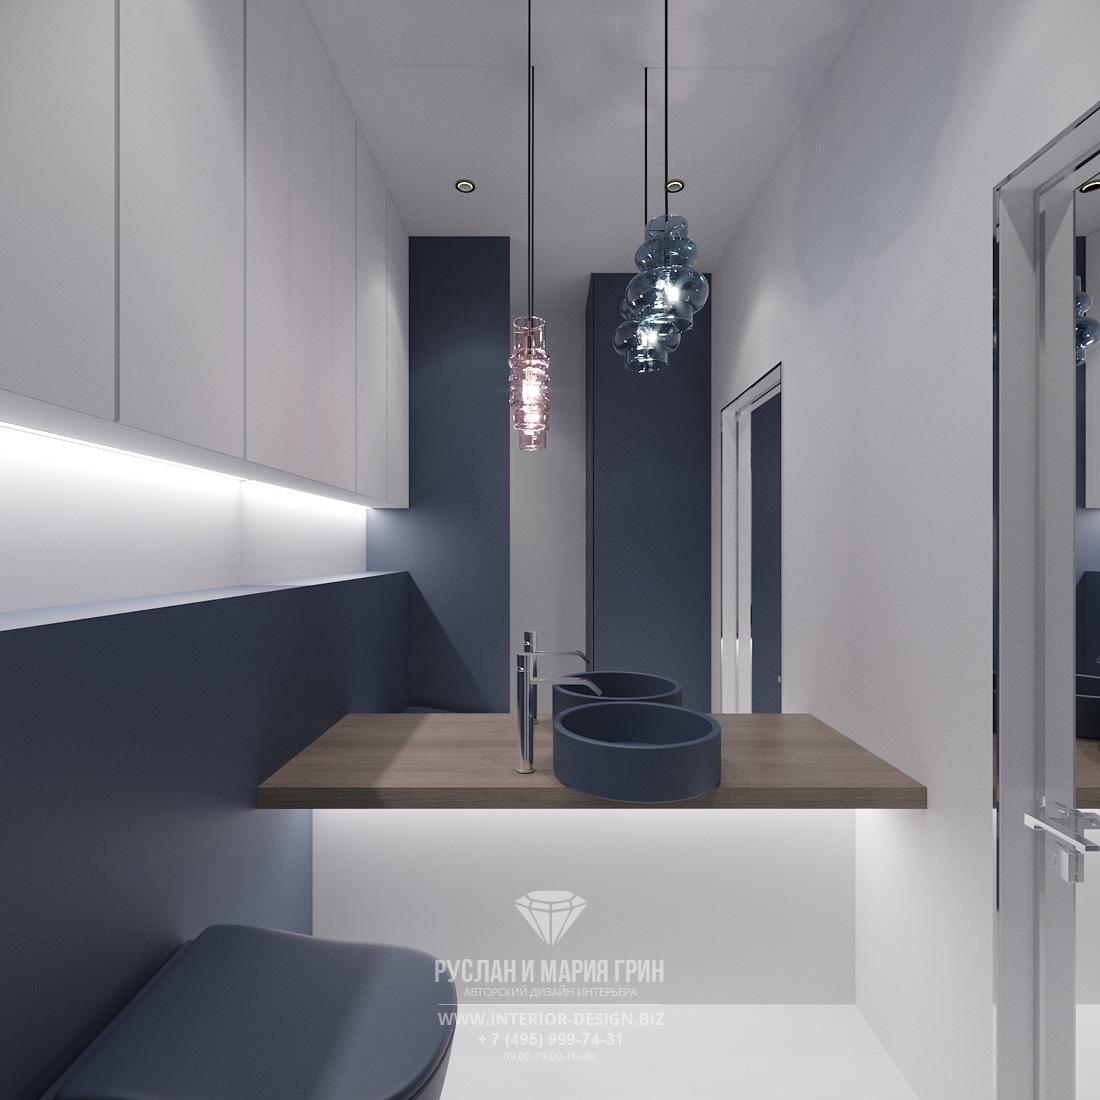 Современный дизайн маленькой ванной комнаты с большим зеркалом